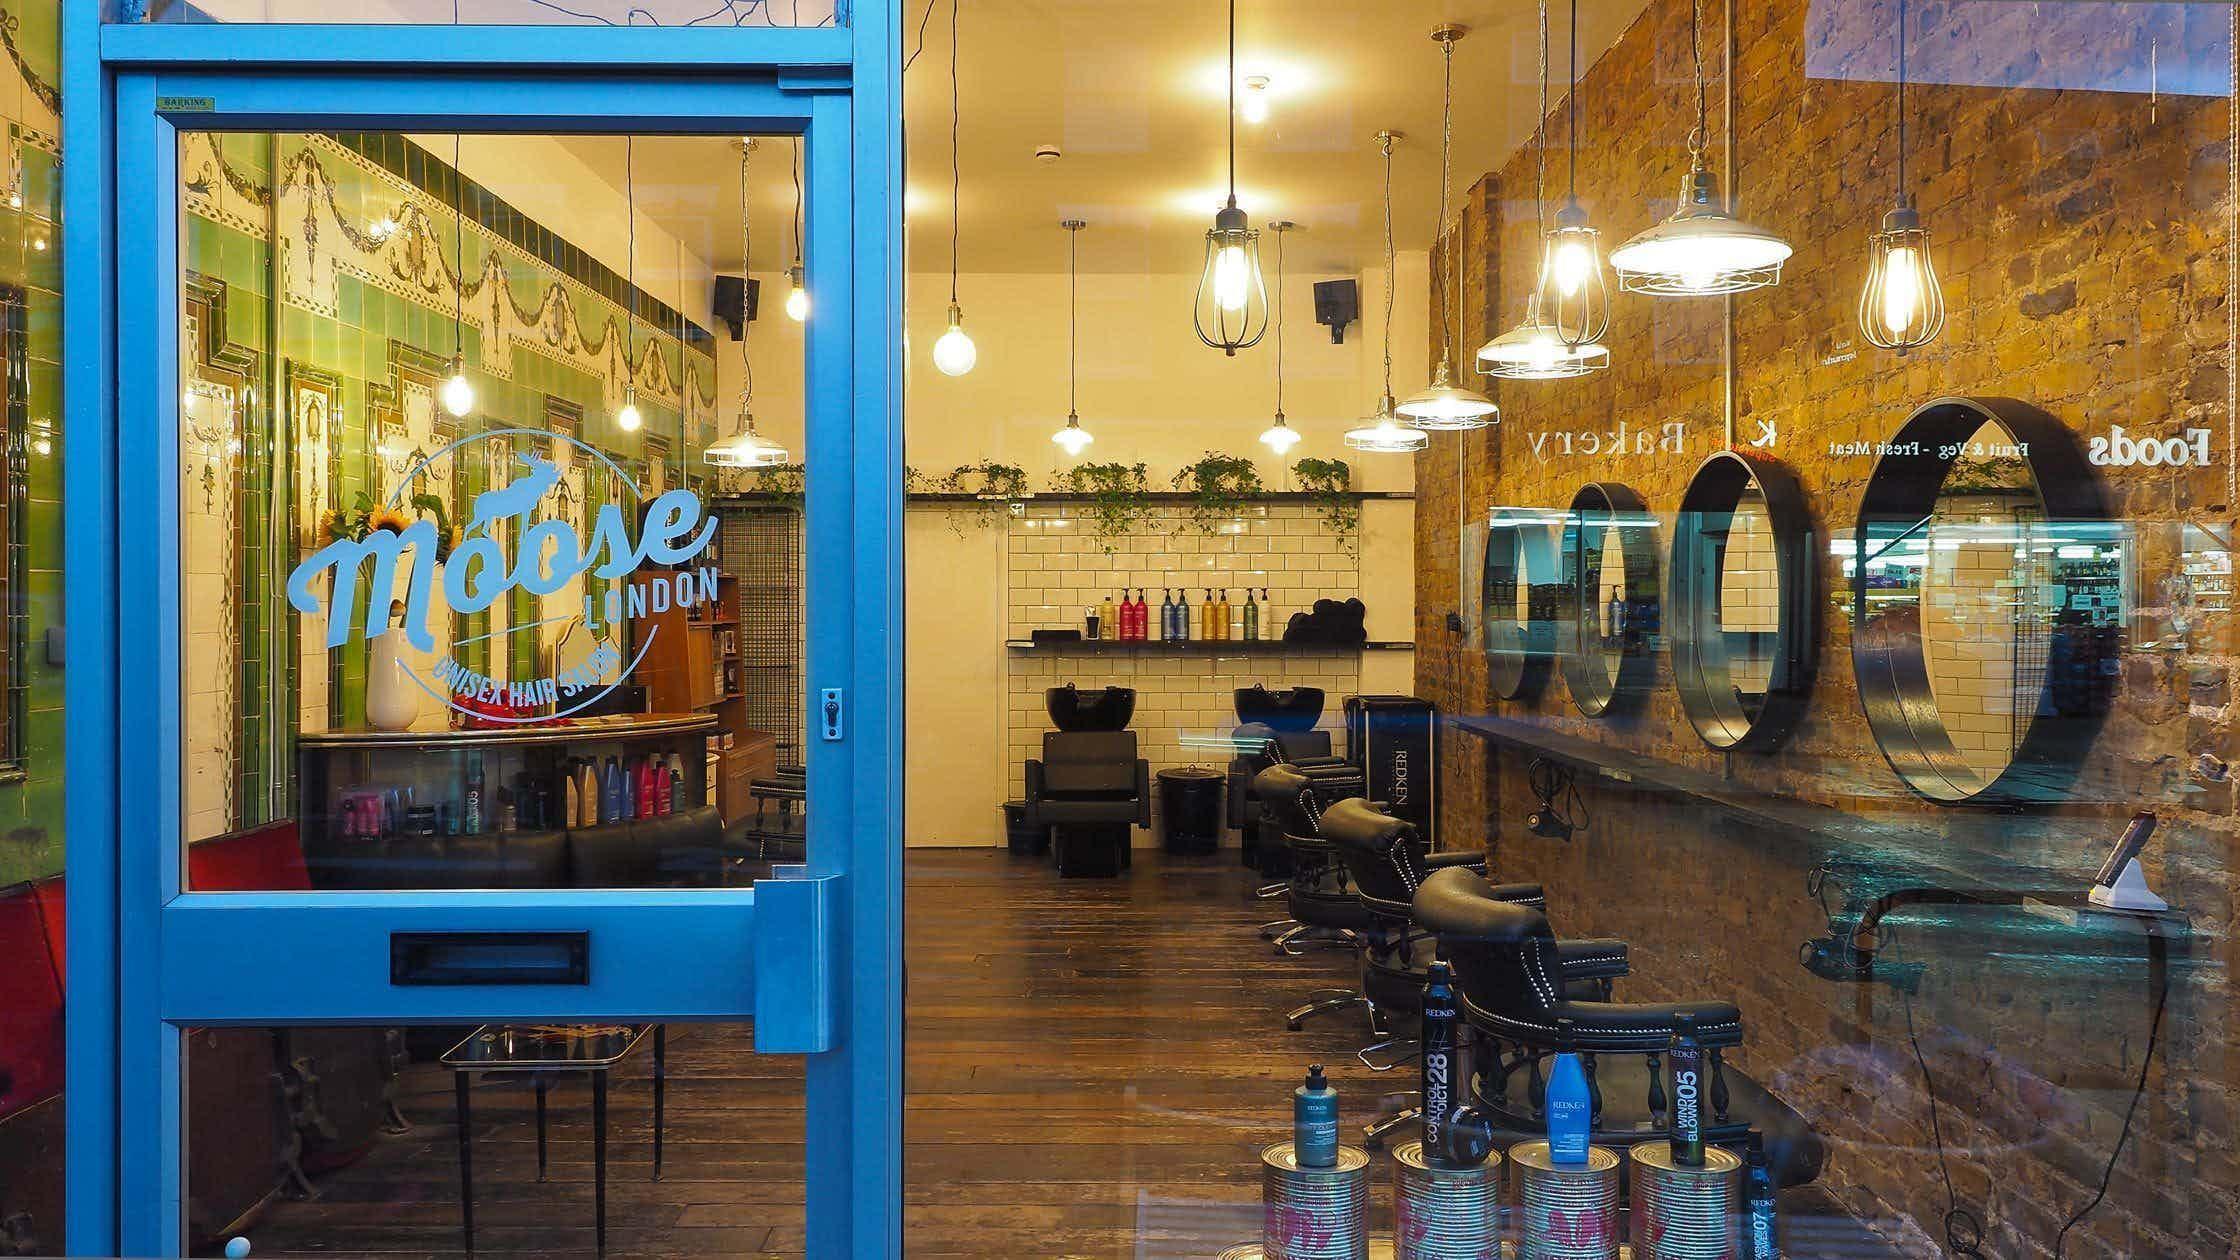 Boutique Salon, Moose London